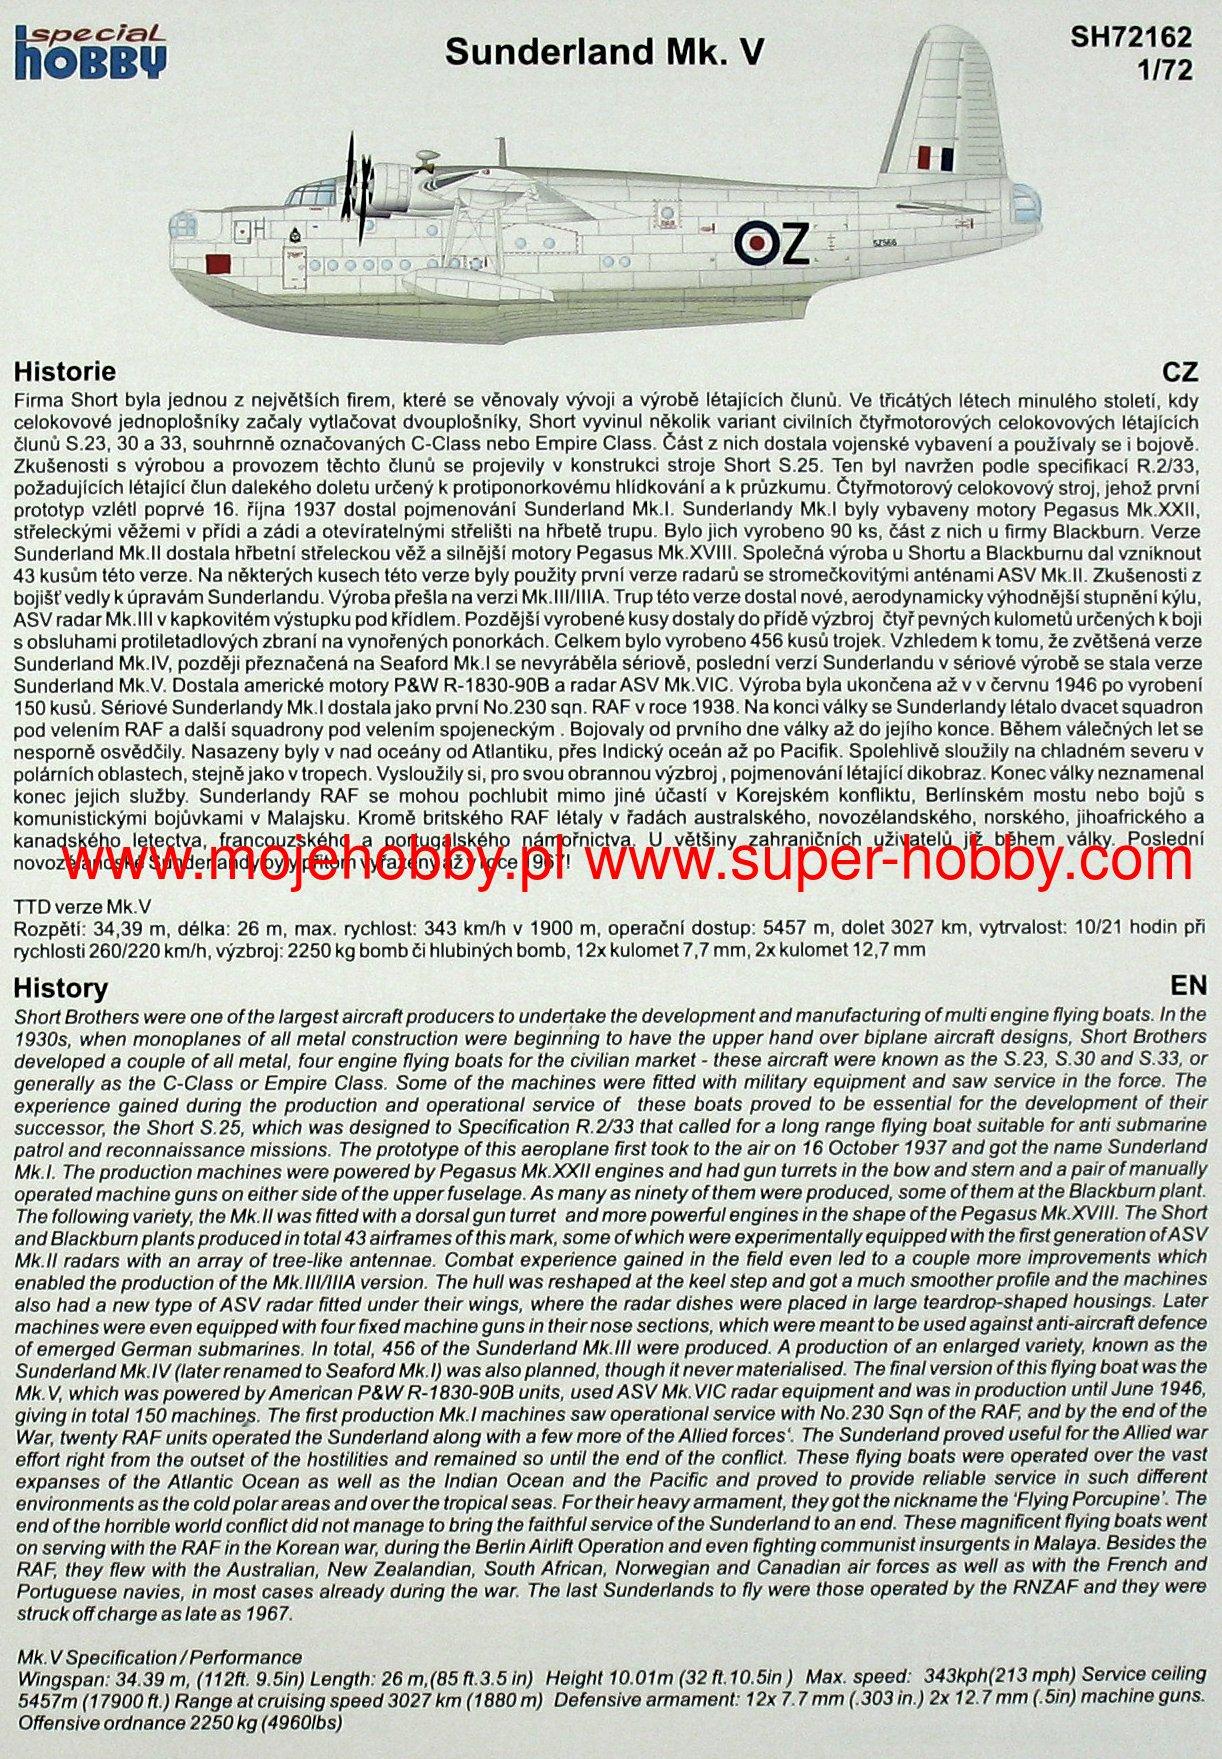 Special Hobby 100-SH72162 Short Sunderland Mk.V in 1:72